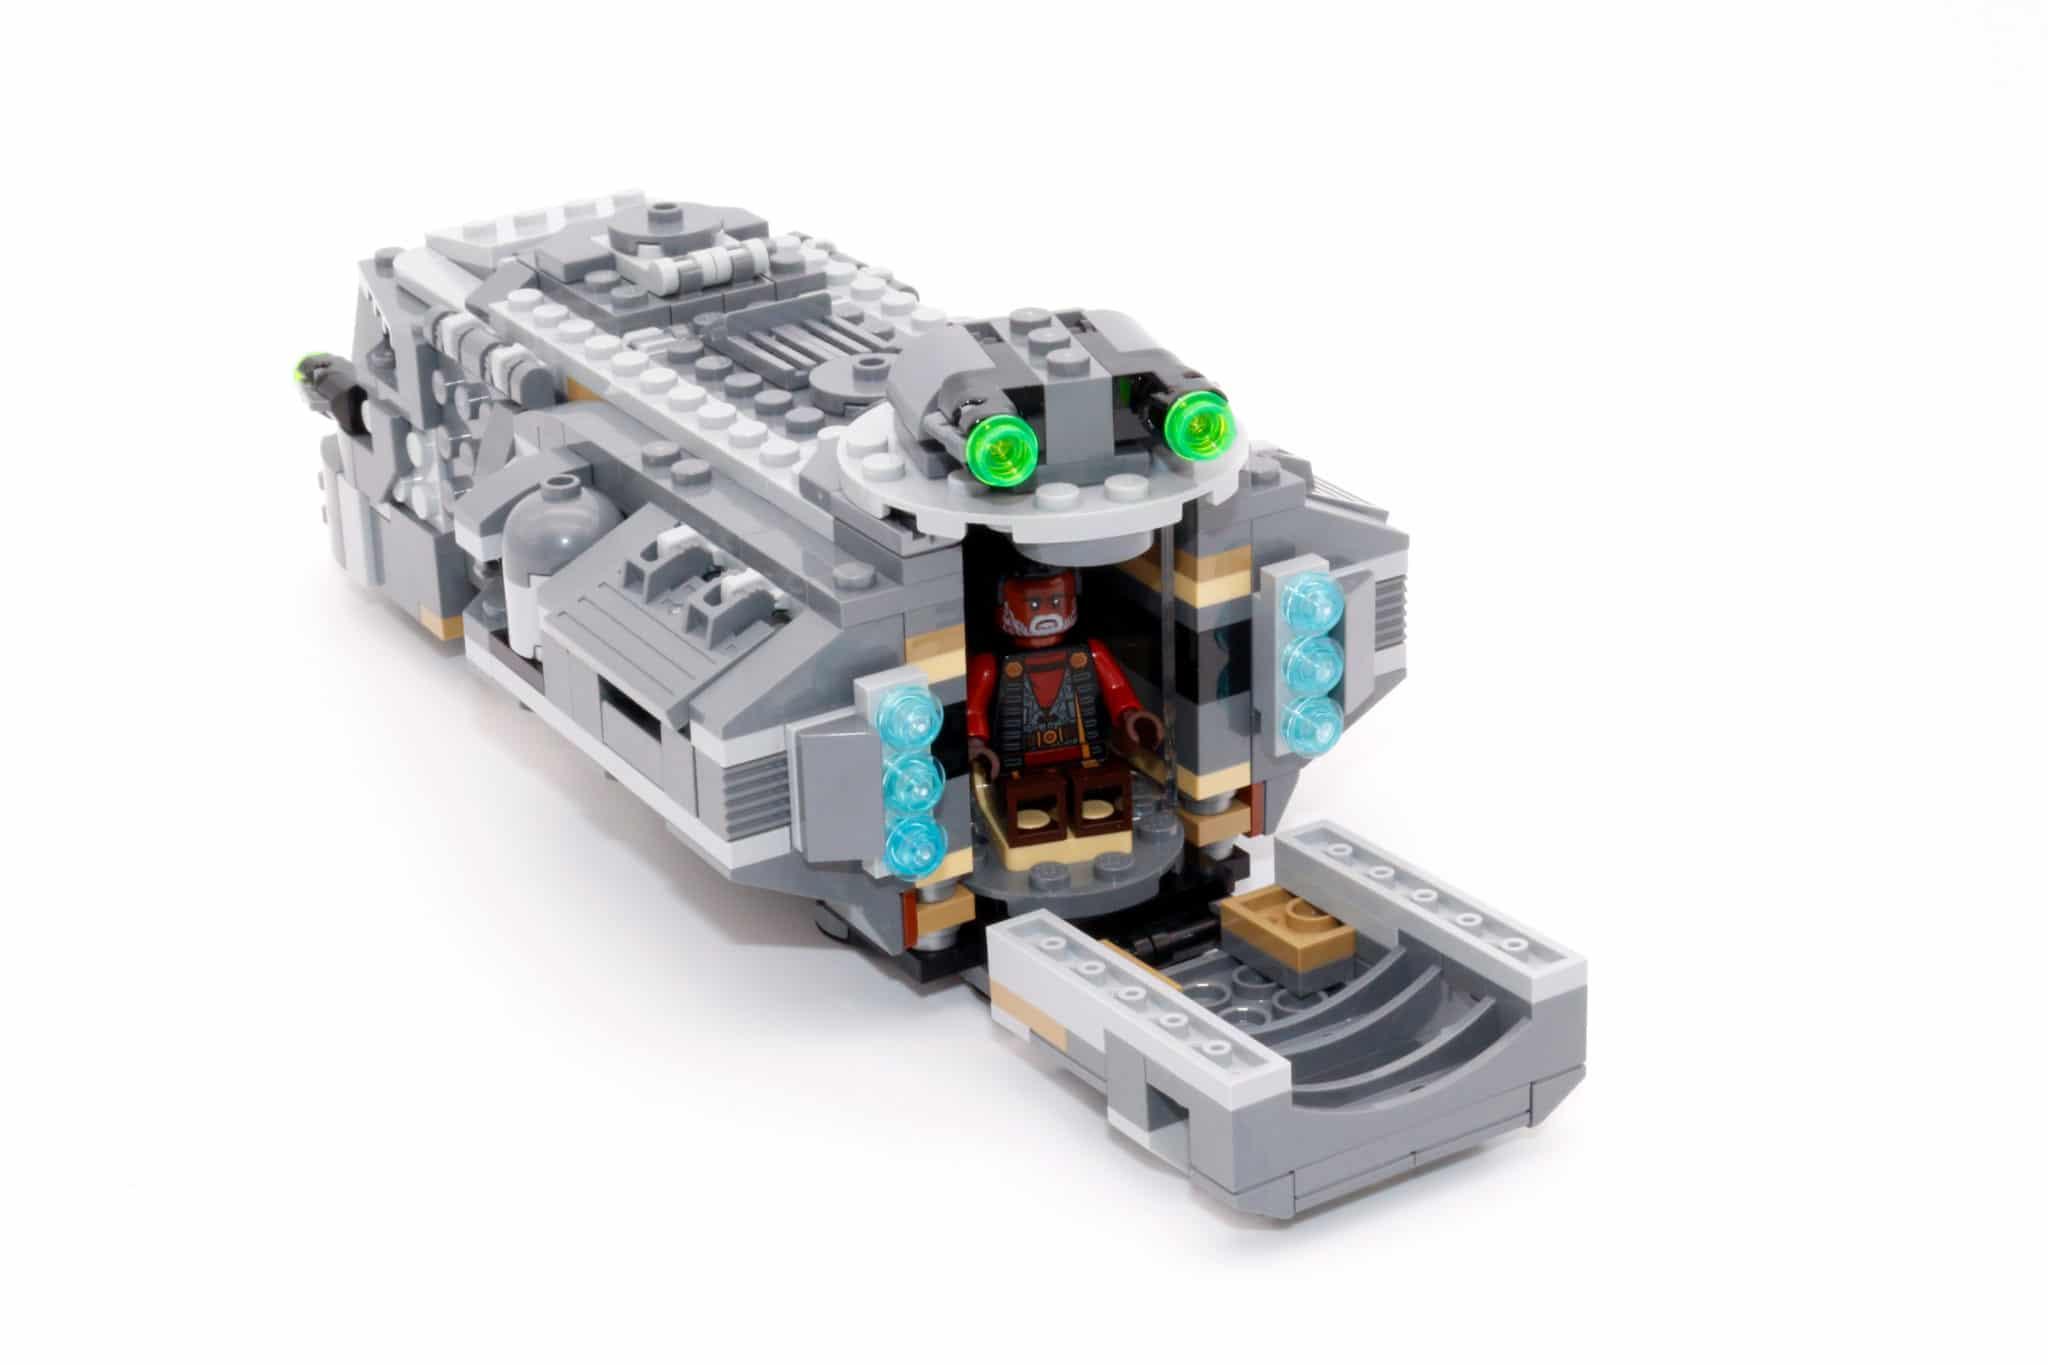 LEGO Star Wars 75311 Imperial Marauder 26